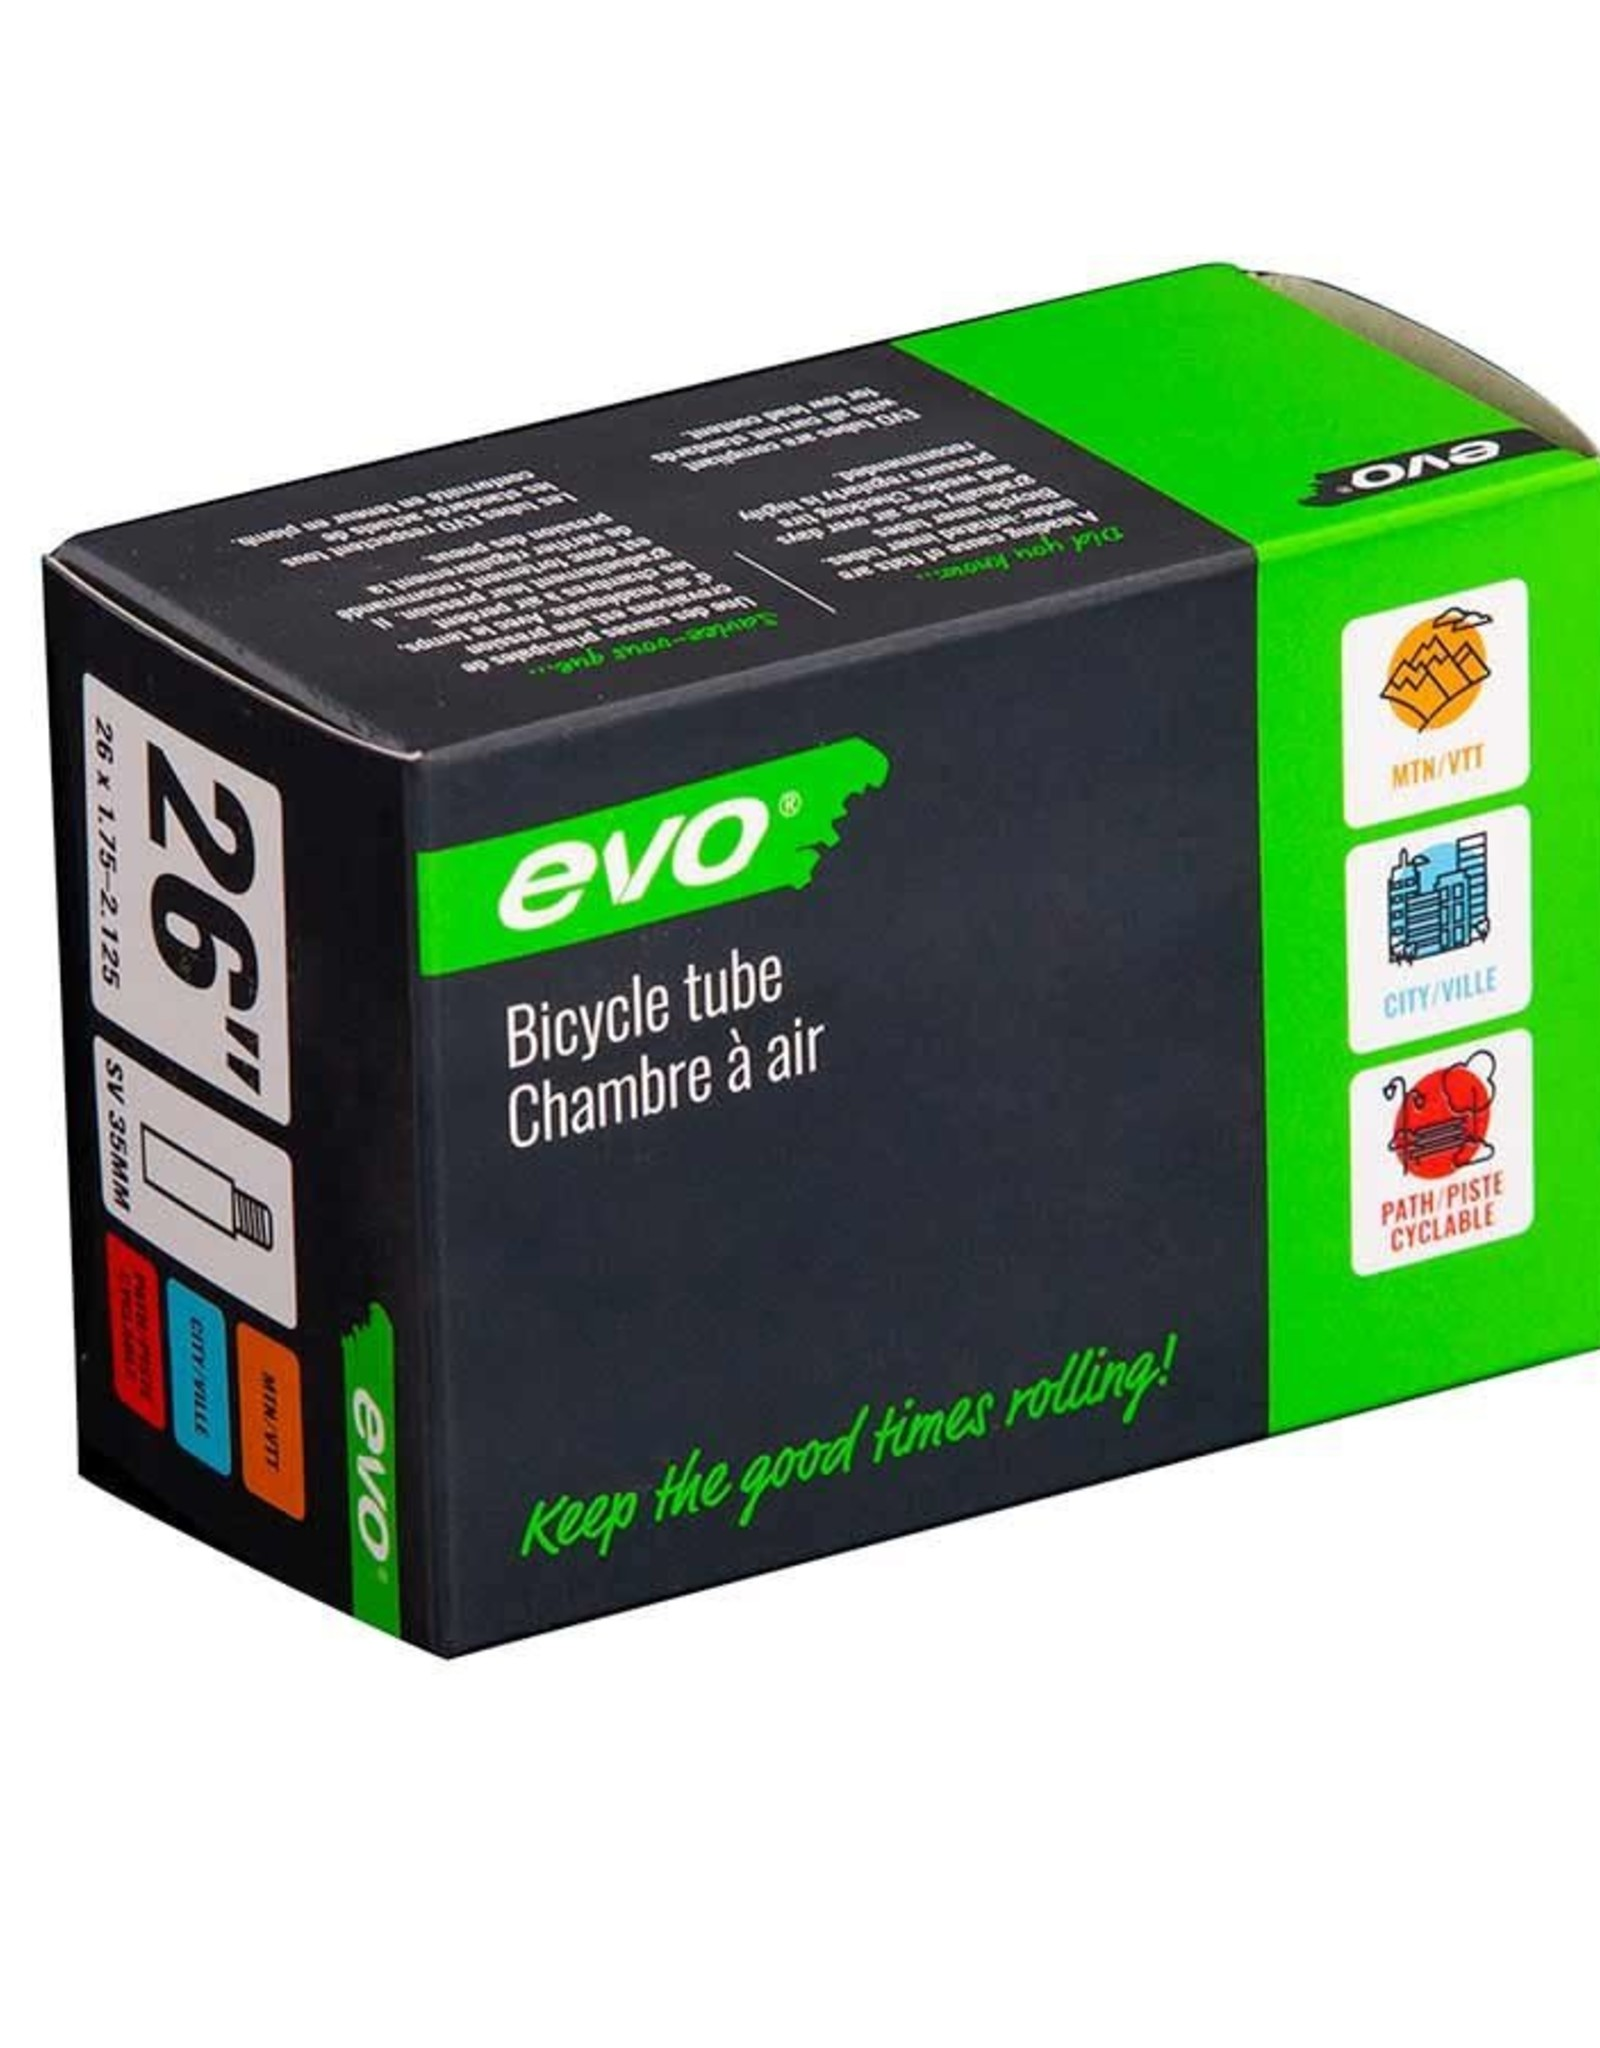 EVO EVO, SV, Chambre a air, Schrader, Longueur: 35mm, 26'', 1.75-2.125